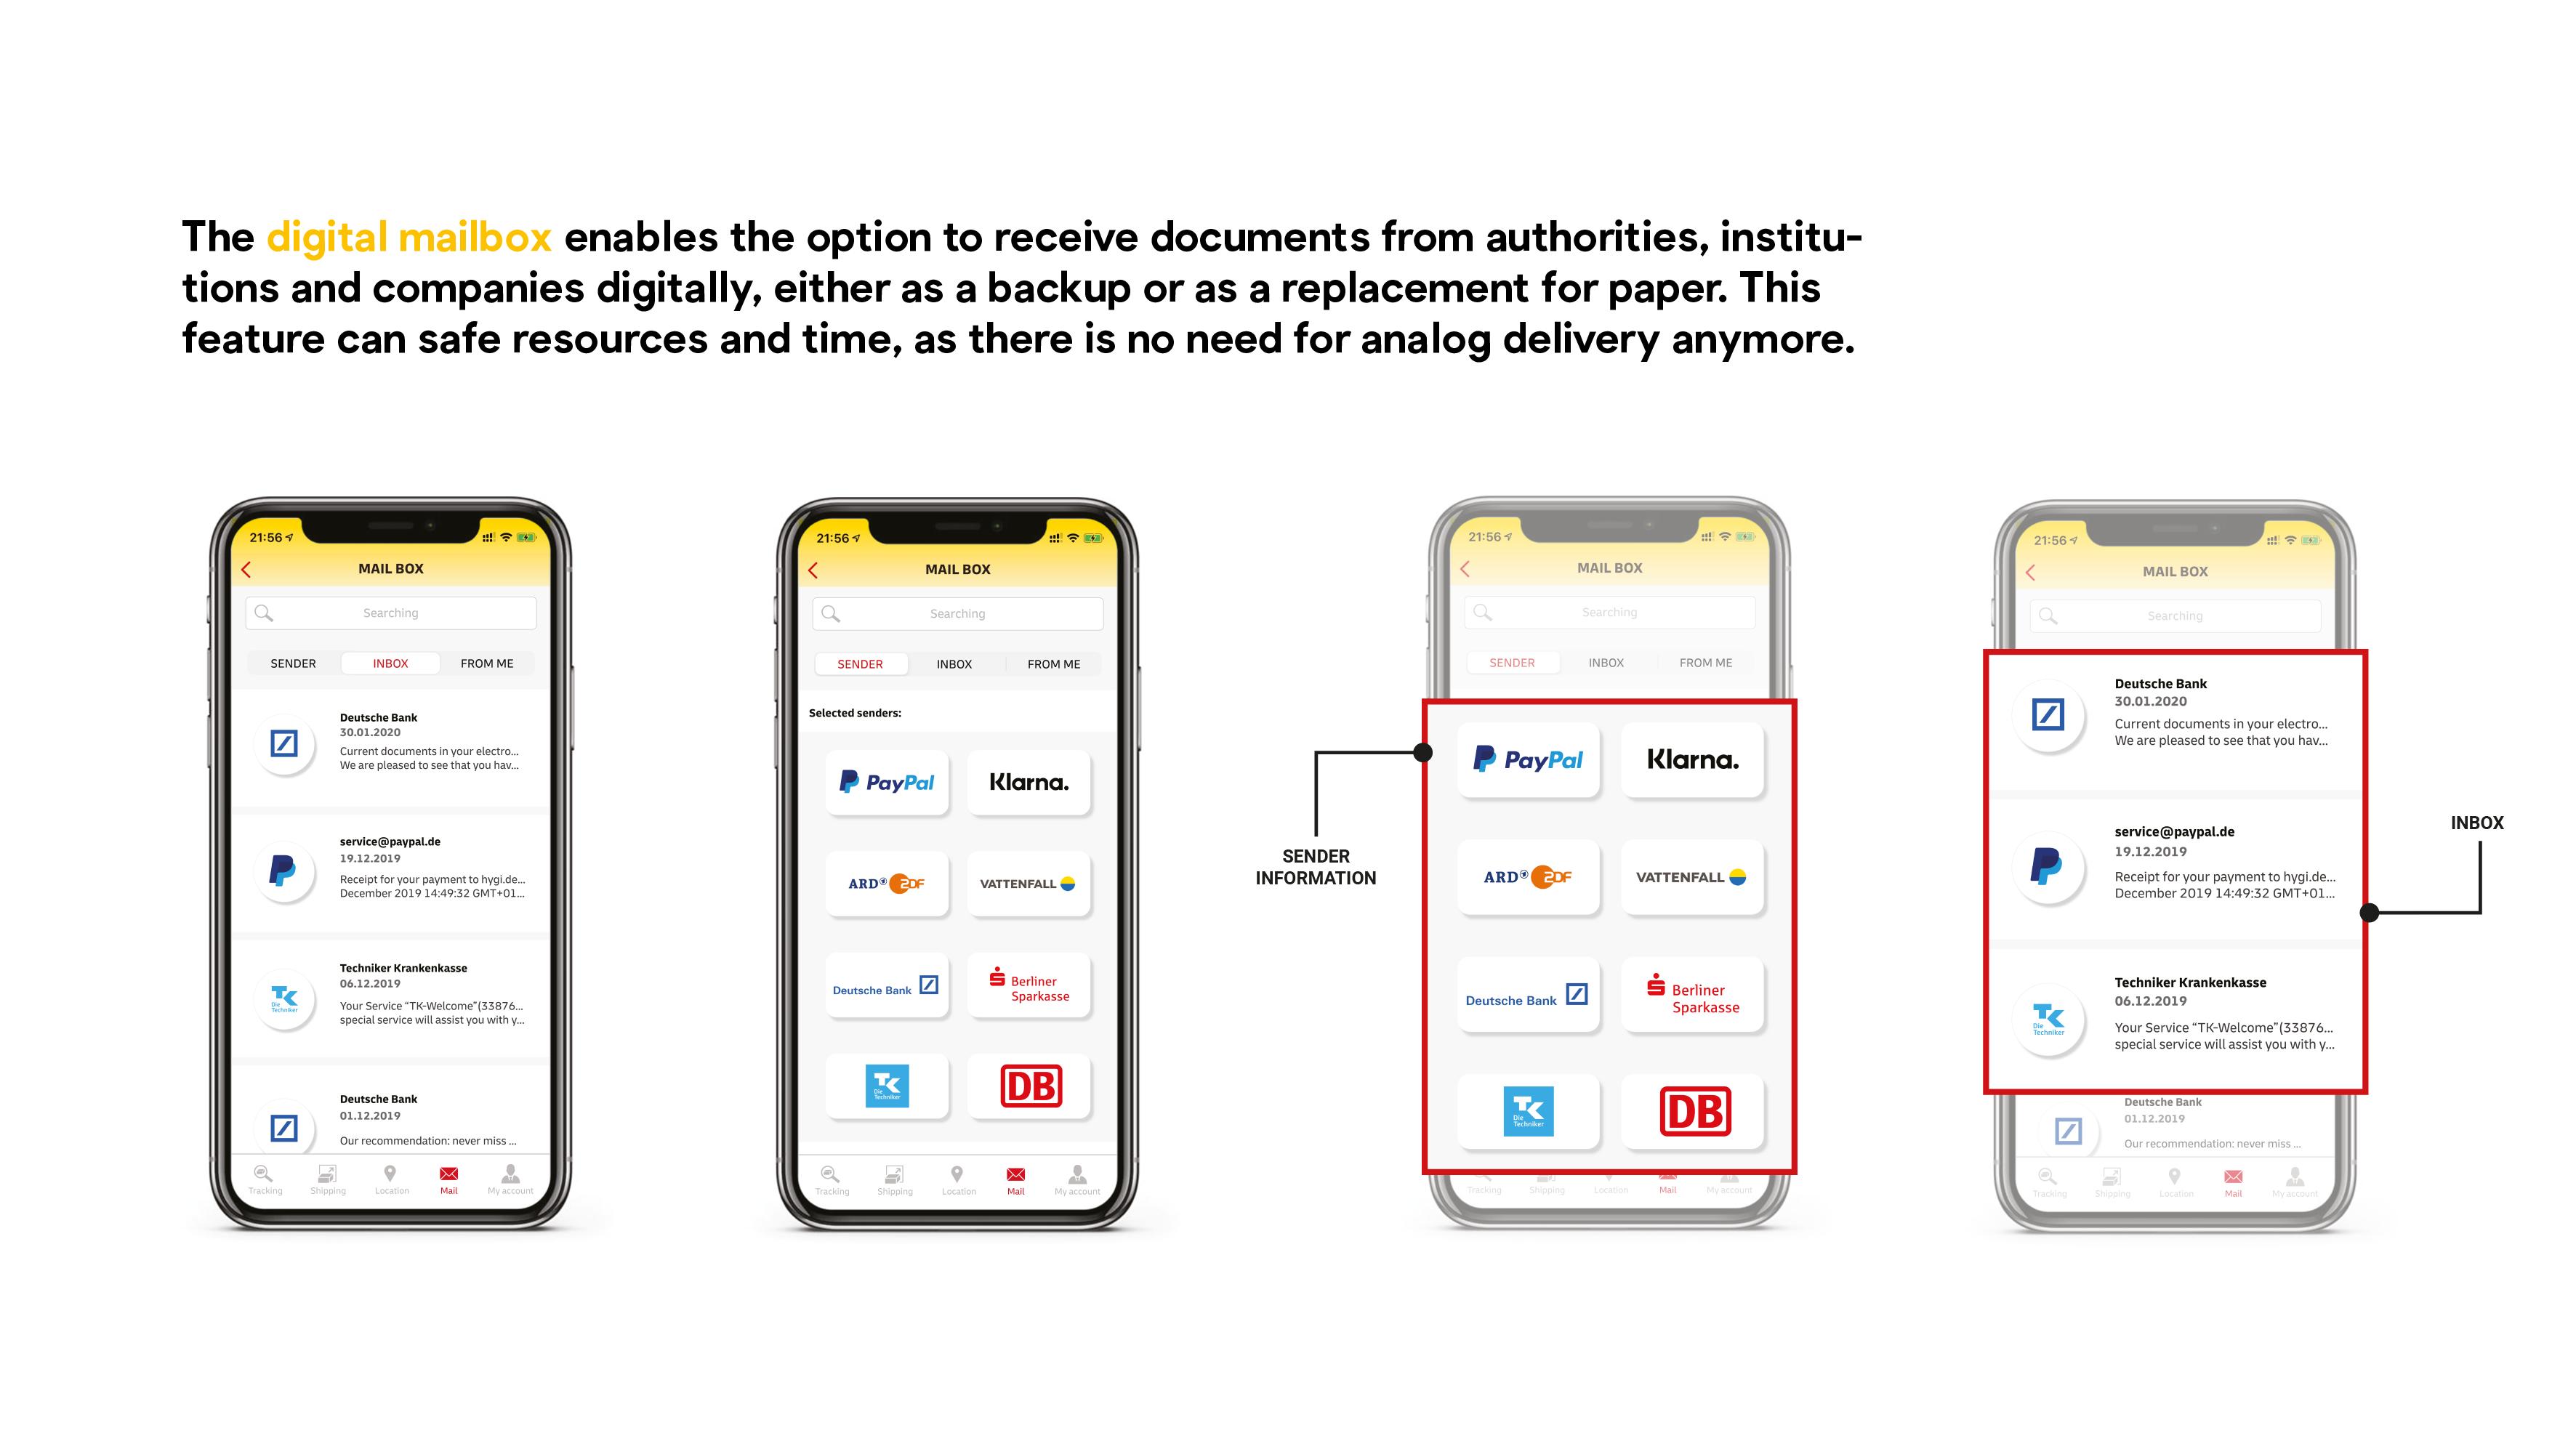 Deutsche Post / DHL App Prototype